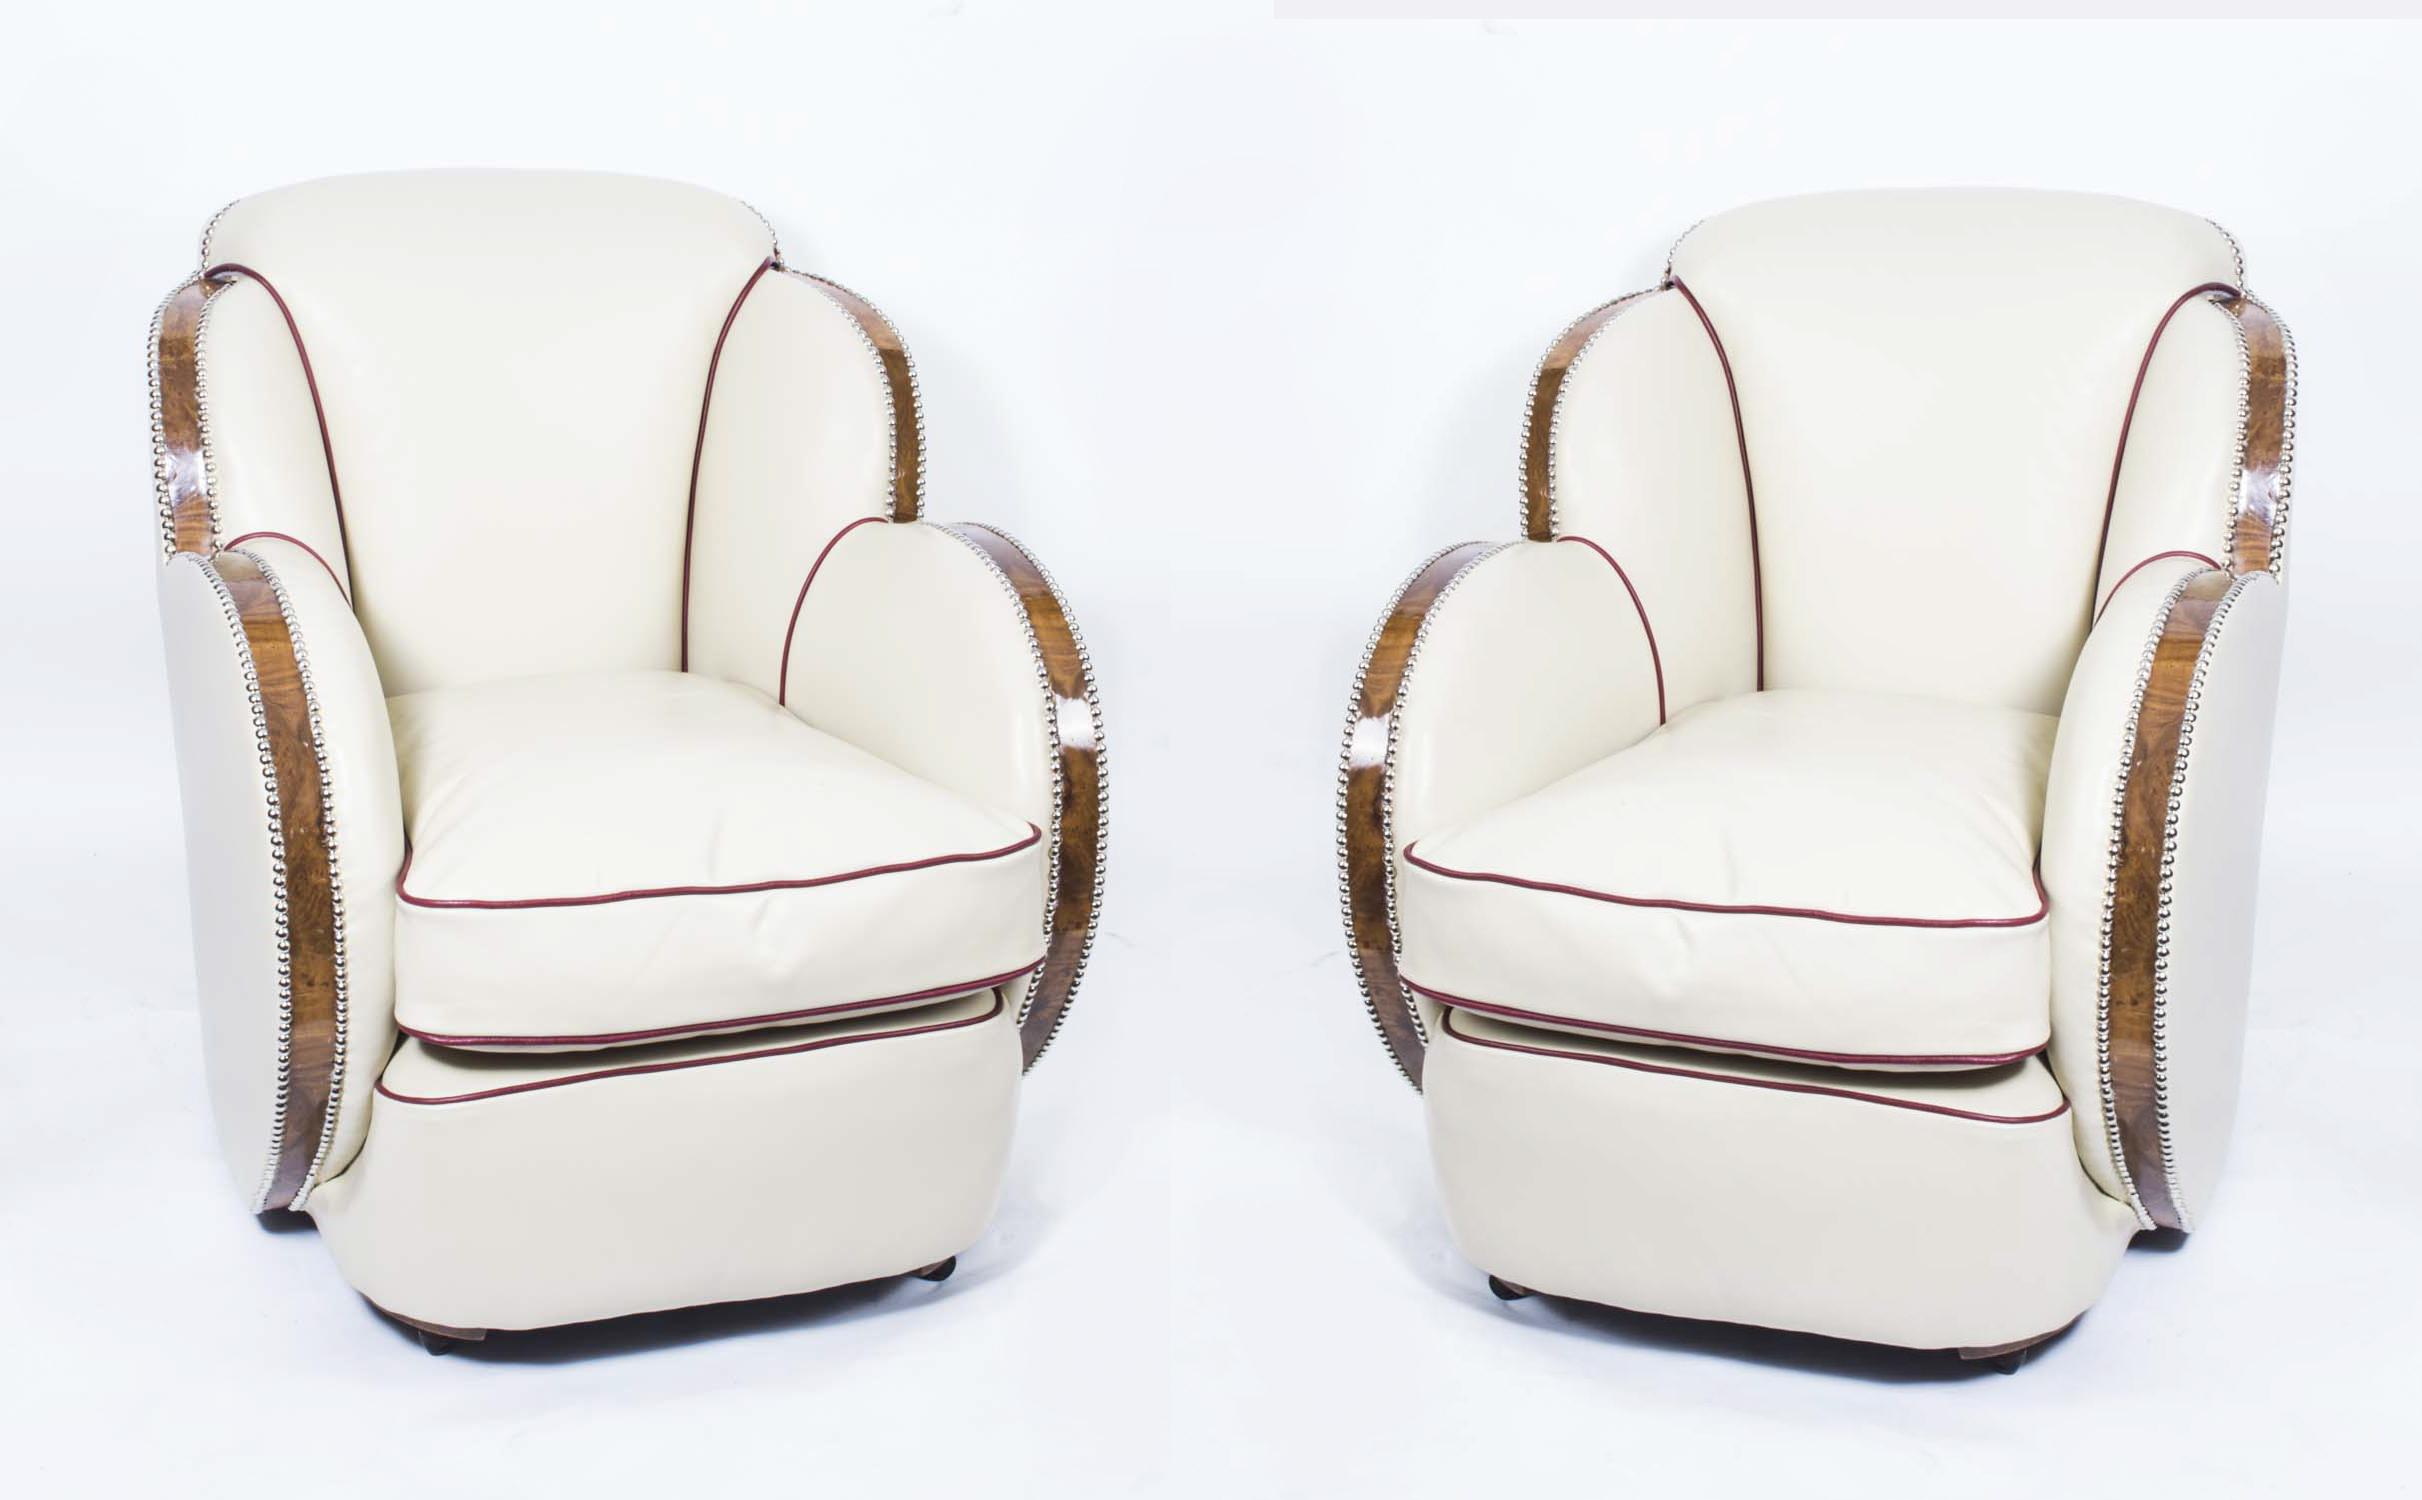 Epstein Art Deco Cloud Armchairs   Antique Art Deco Cloud Armchairs   Ref.  No. 06542